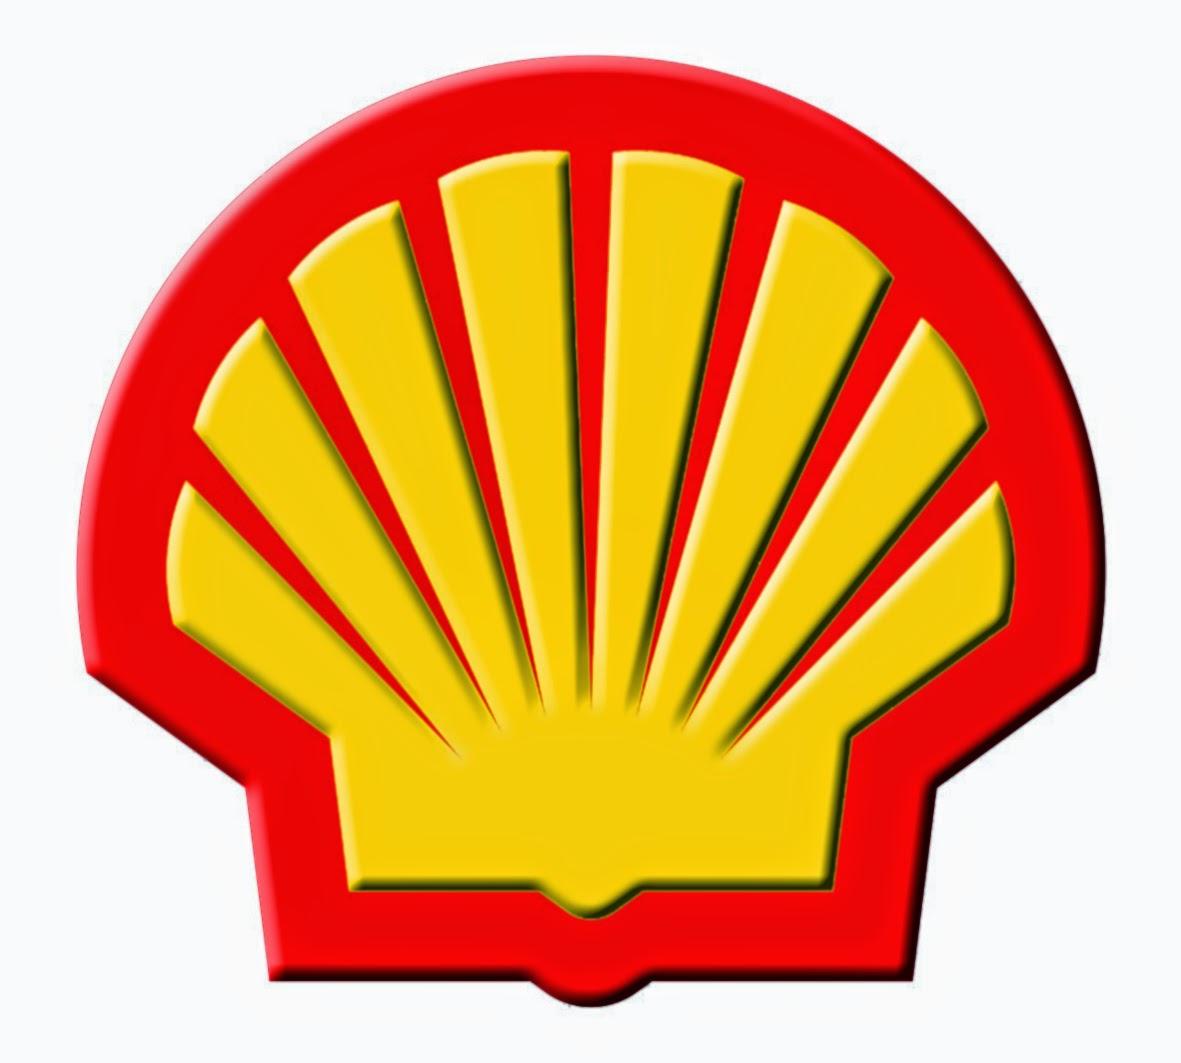 Lowongan Kerja PT. Shell Jakarta